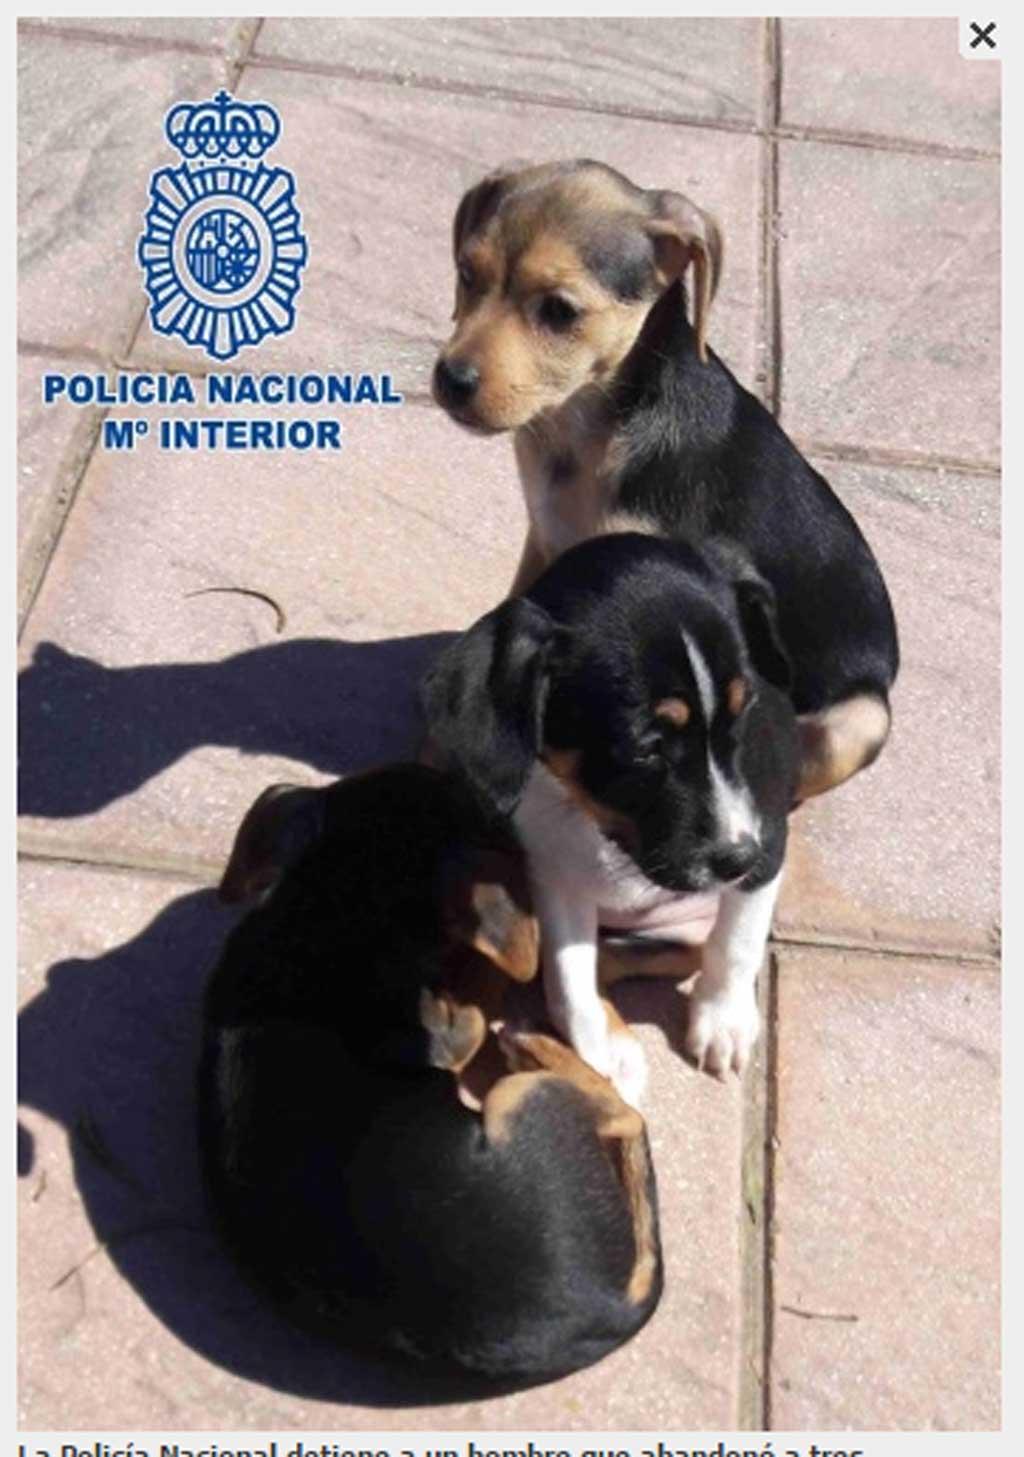 La Policía Nacional detiene a un hombre que abandonó a tres cachorros dentro de una bolsa en la carretera.